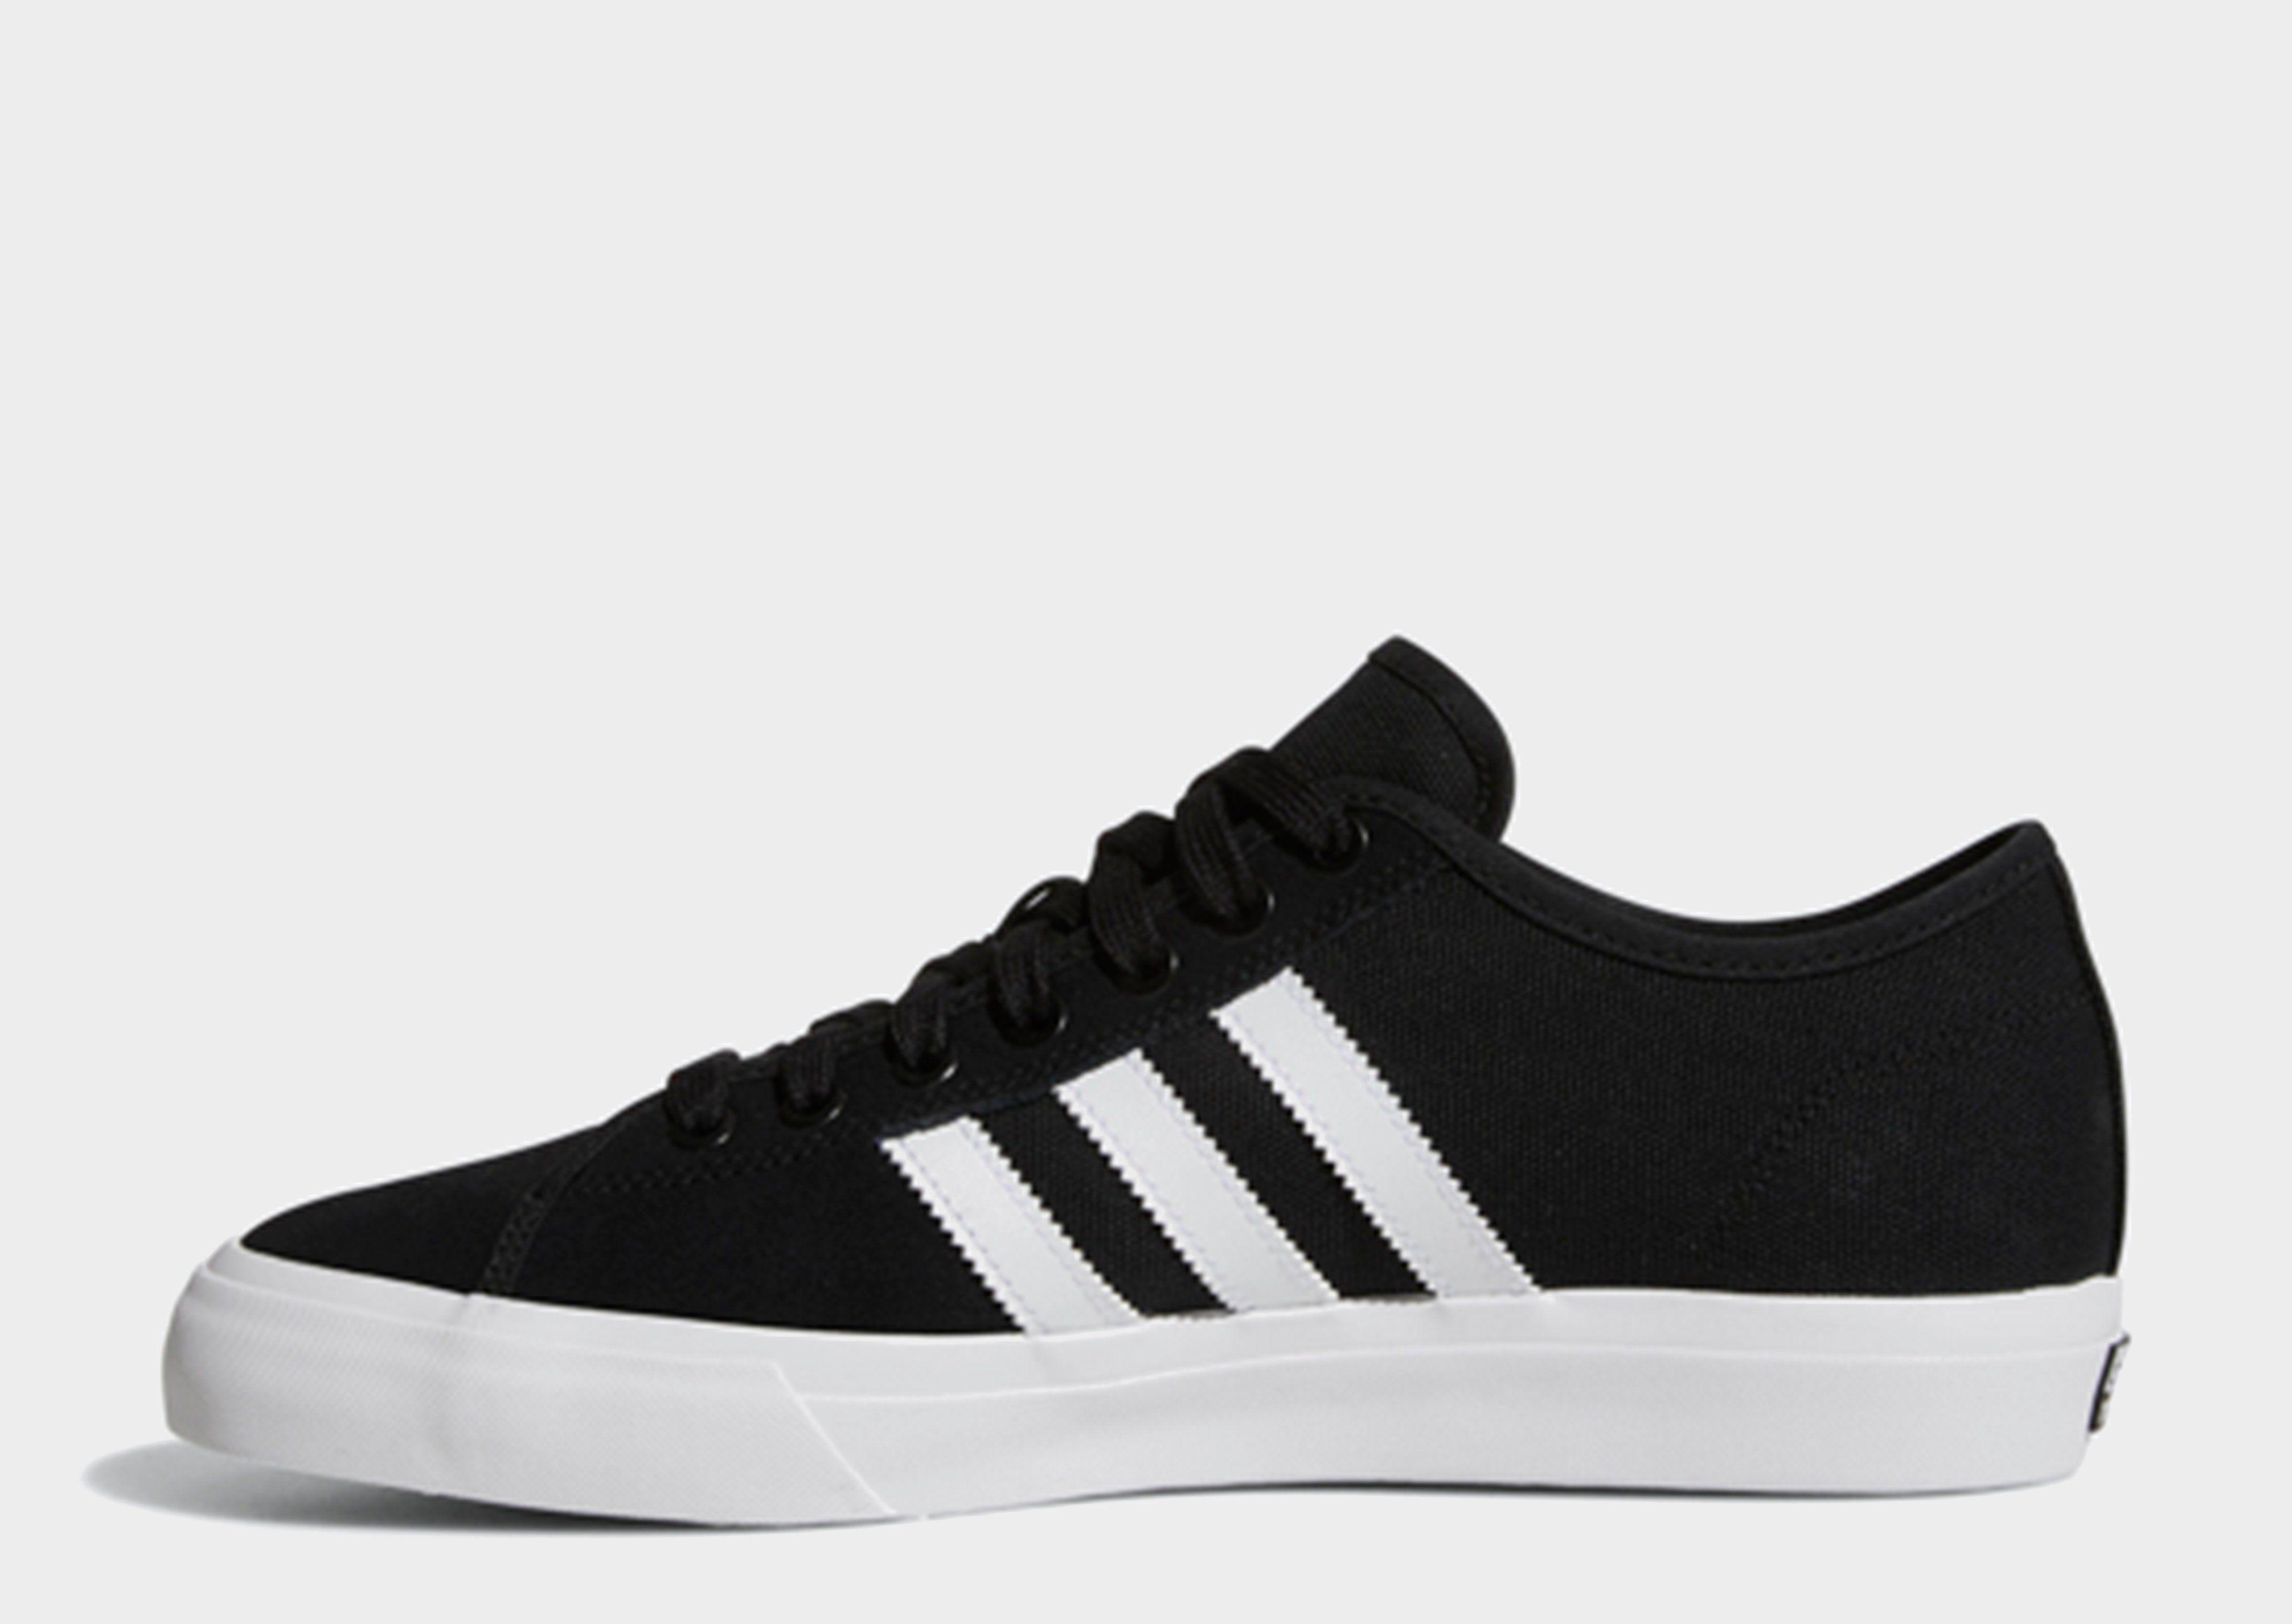 ADIDAS Matchcourt RX Shoes  4d2c7feaa